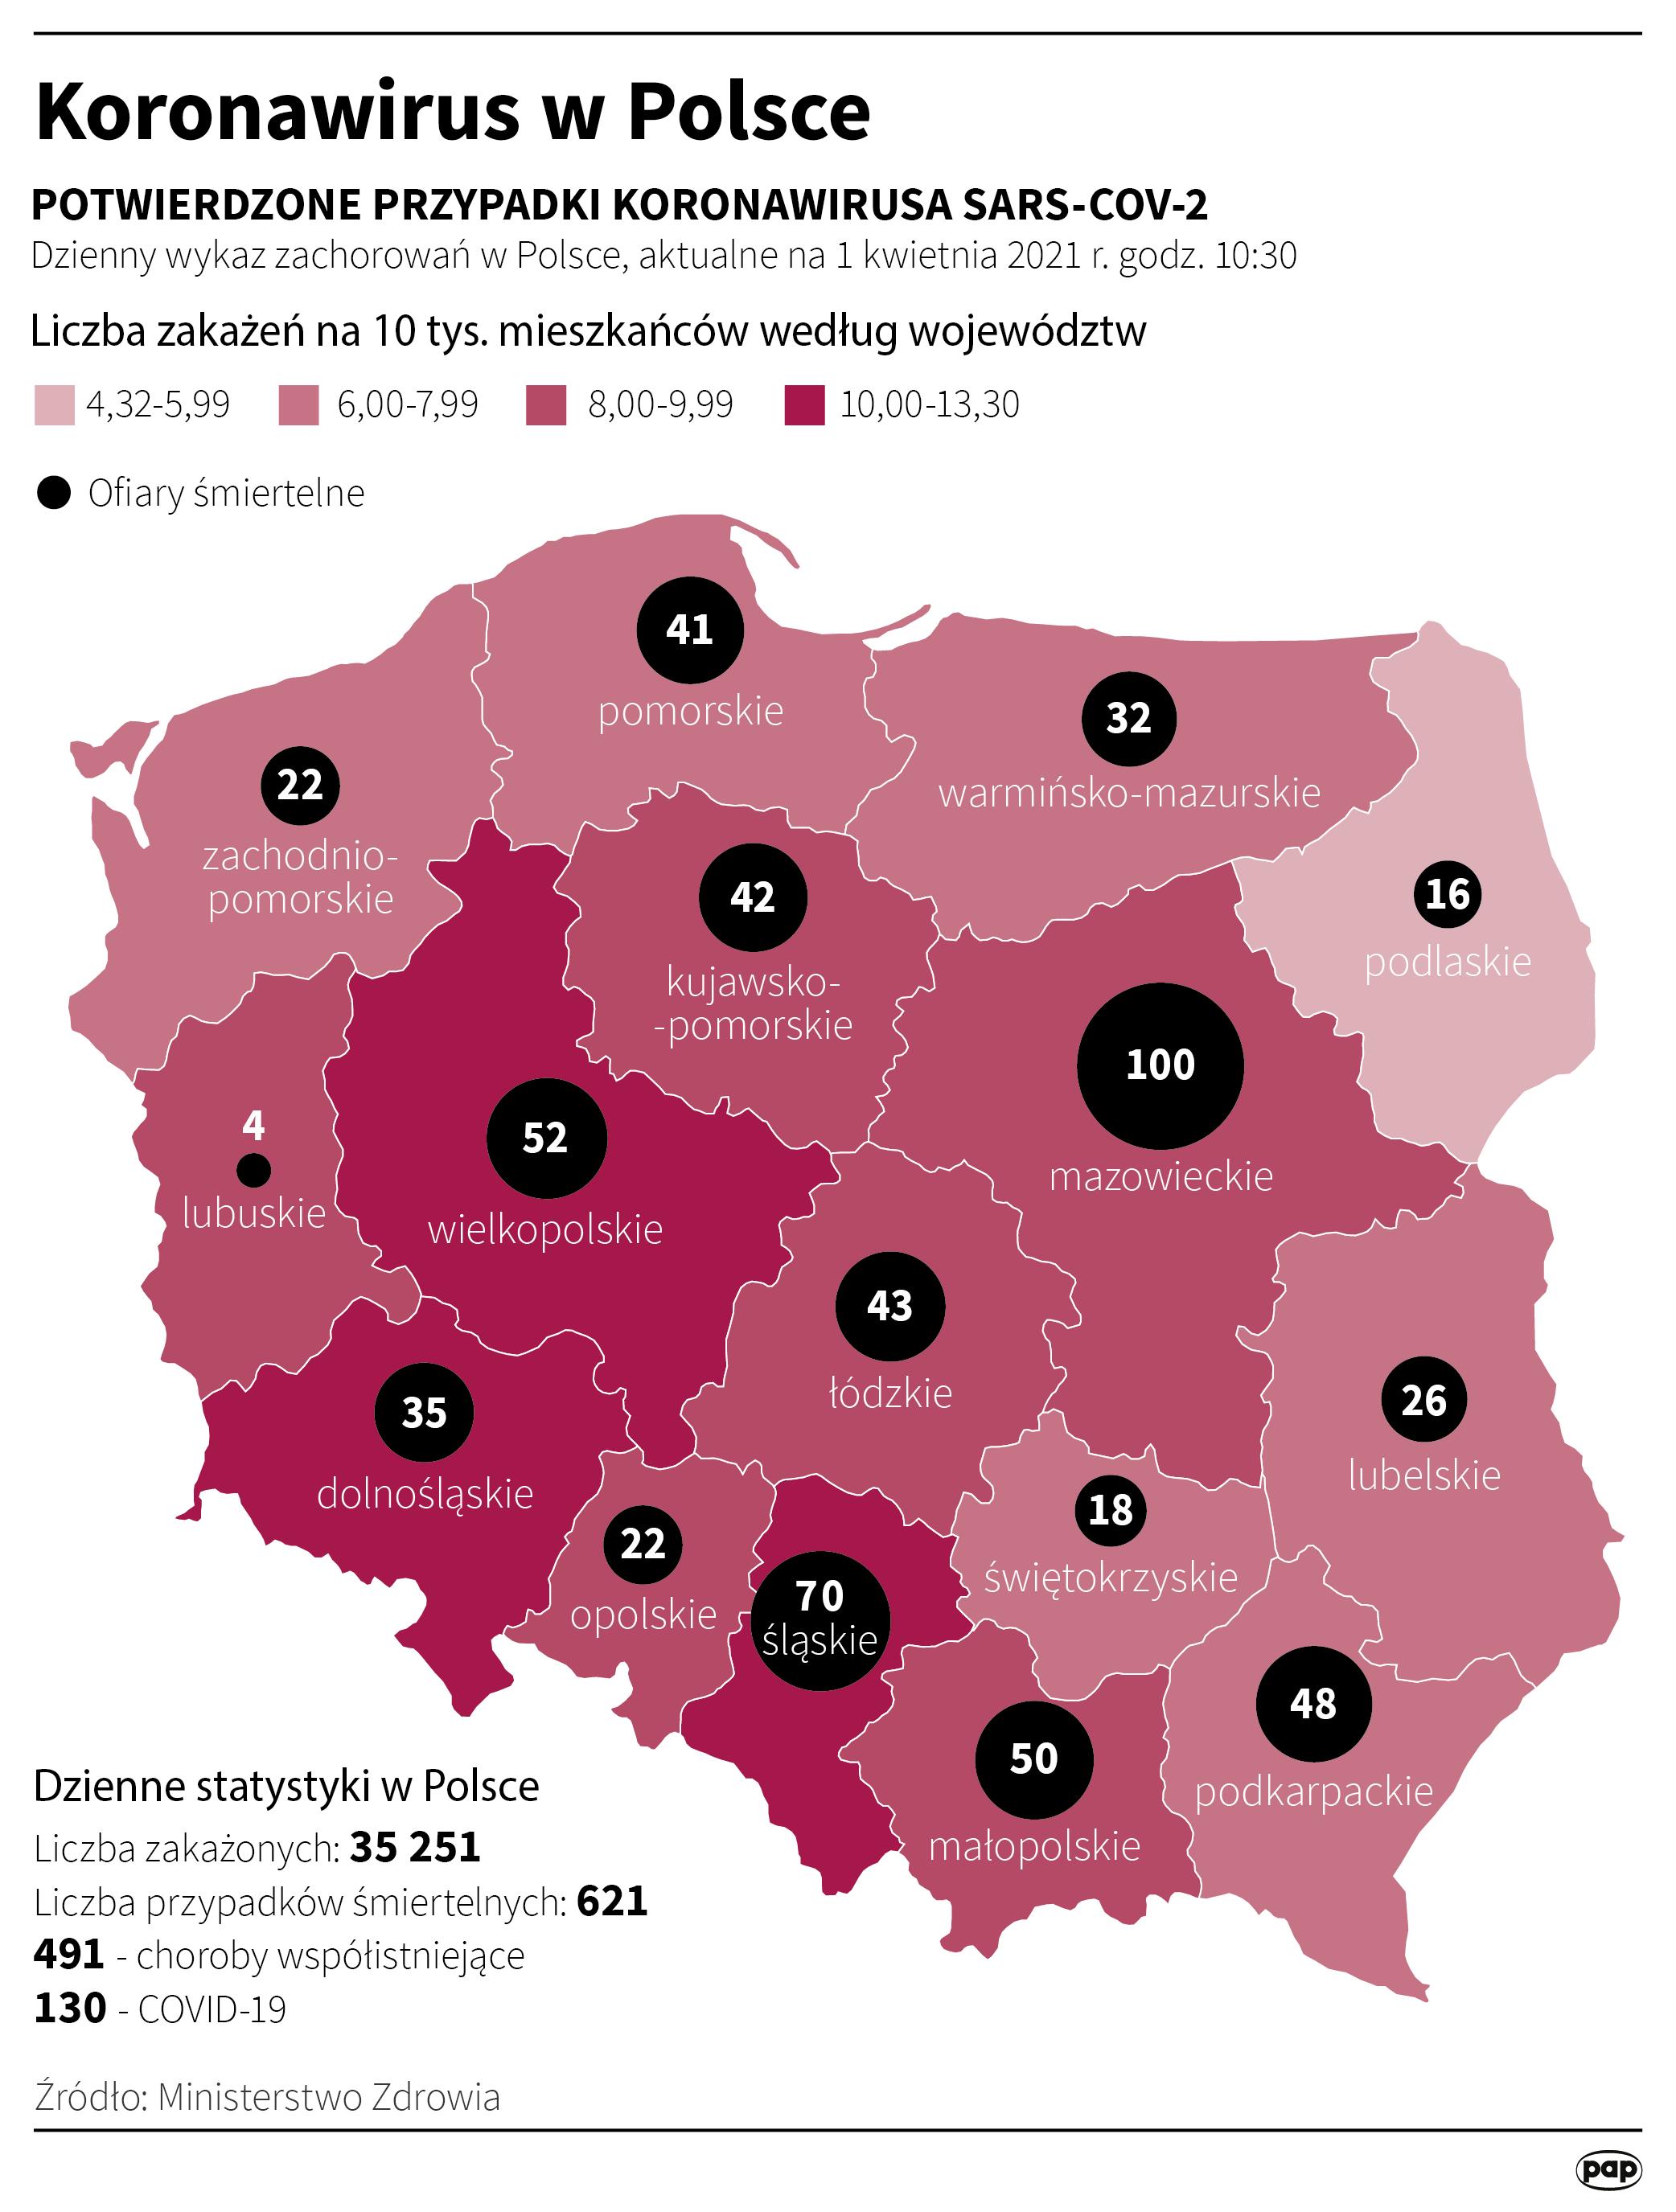 Koronawirus w Polsce - stan na 01 kwietnia [autor: Maciej Zieliński, źródło: PAP]